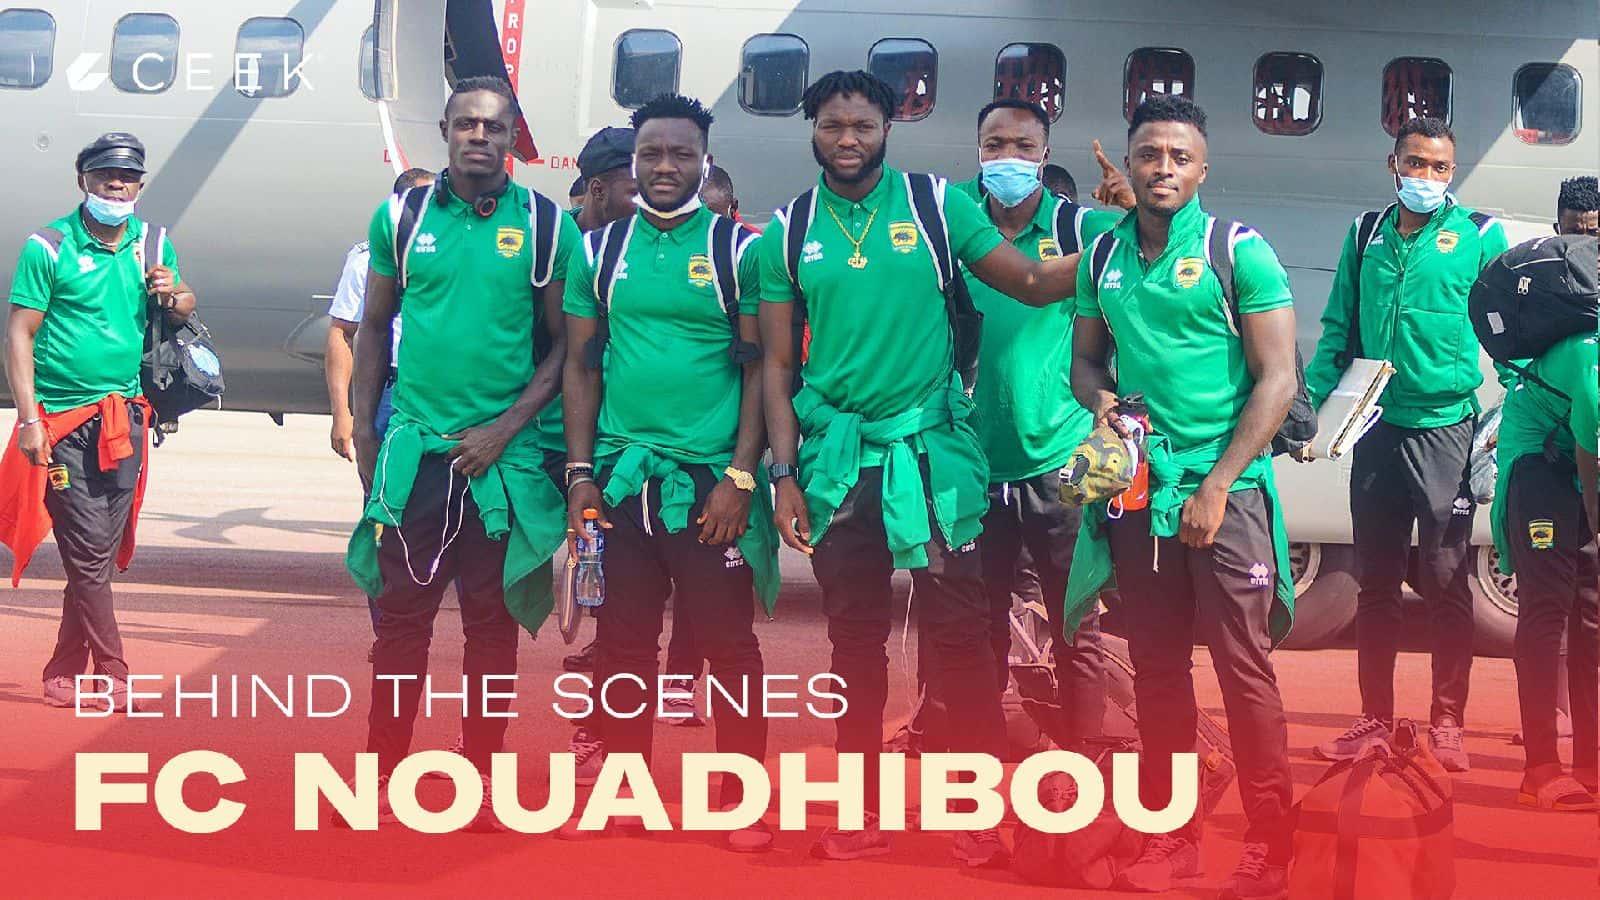 Behind the scenes: FC Nouadhibou V Asante Kotoko 29 November 2020